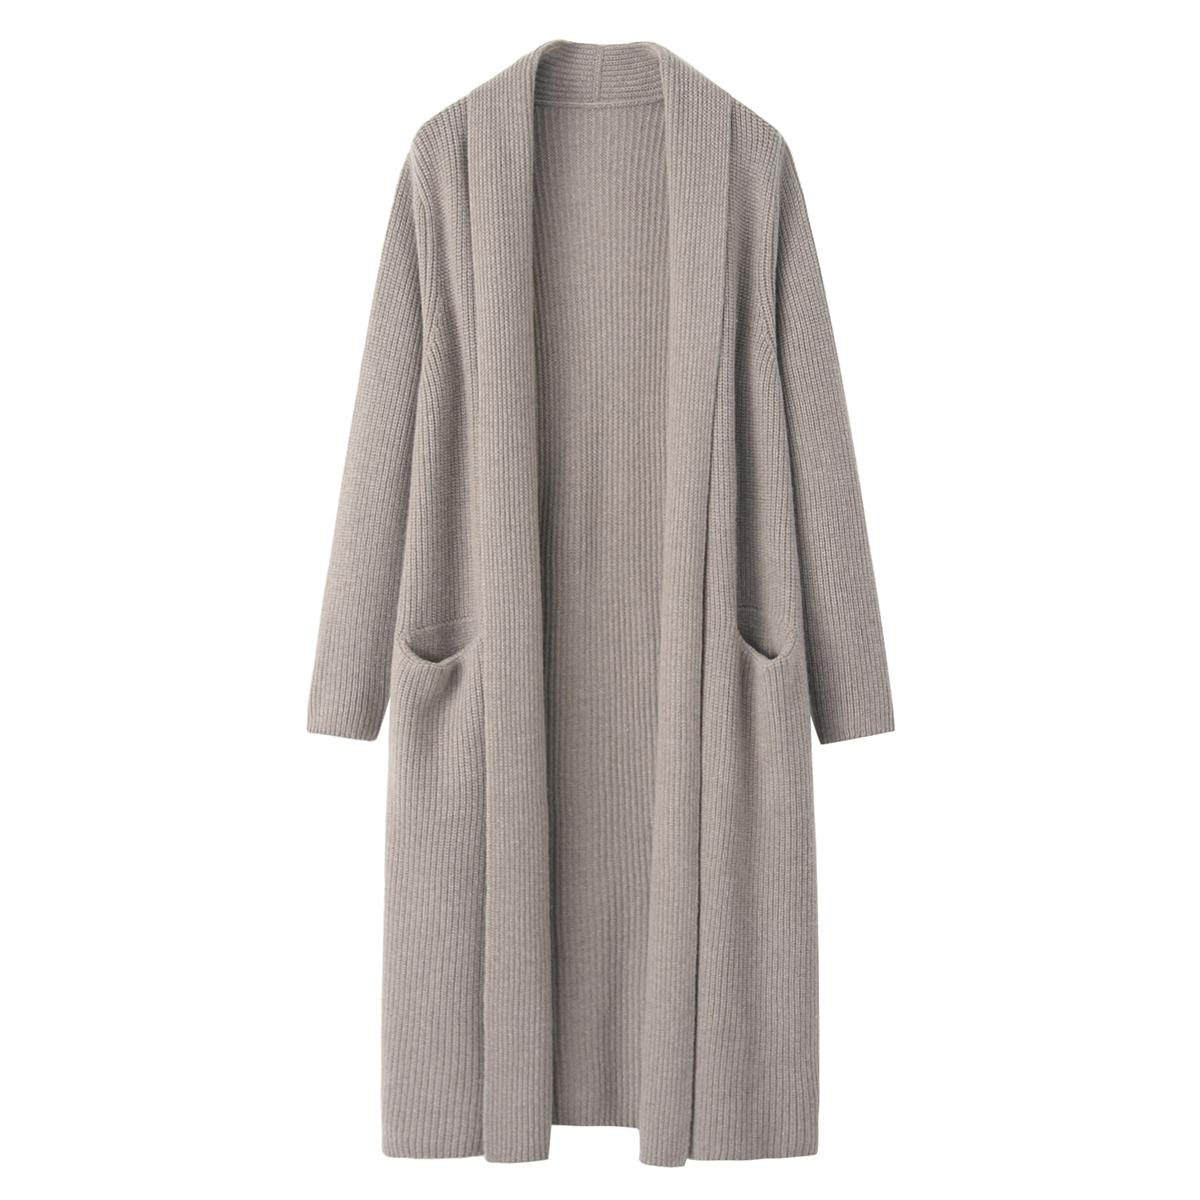 羊绒衫女式立领中长款针织衫韩版气质针织衫加厚毛衣裙秋冬新款